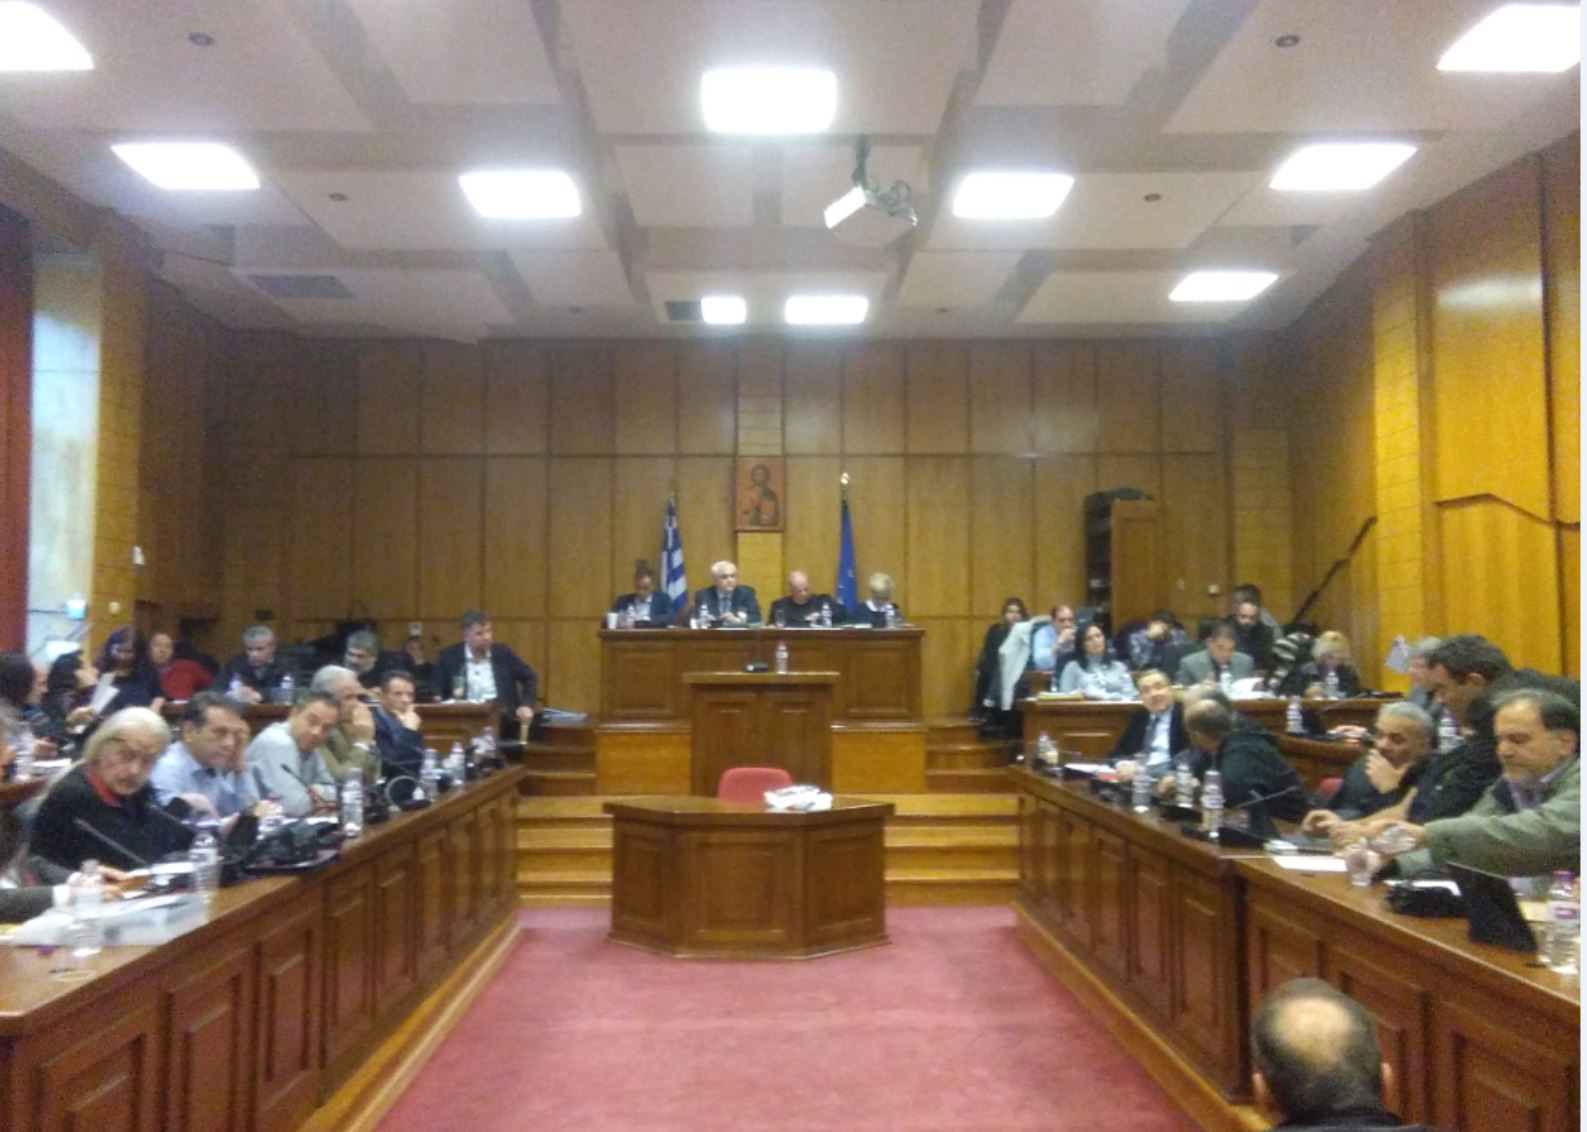 Απολογισμός Πεπραγμένων της Περιφερειακής Αρχής – Eιδική συνεδρίαση του Περιφερειακού Συμβουλίου, τη Δευτέρα 30 Ιανουαρίου